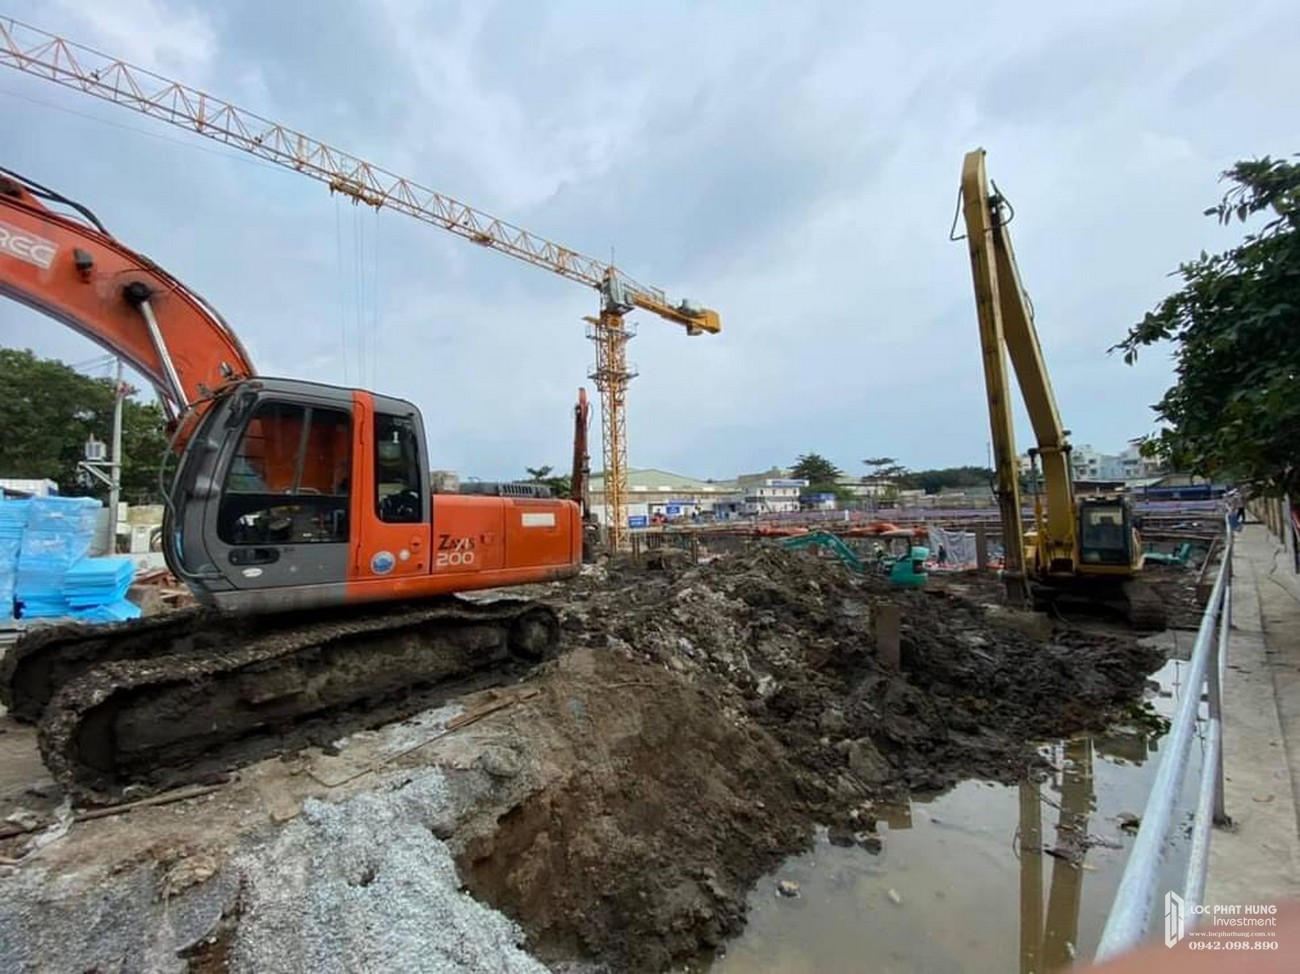 Tiến độ Pegasuite 2 dự án căn hộ chung cư  Quận 8 Đường Tạ Quang Bửu chủ đầu tư Phú Gia